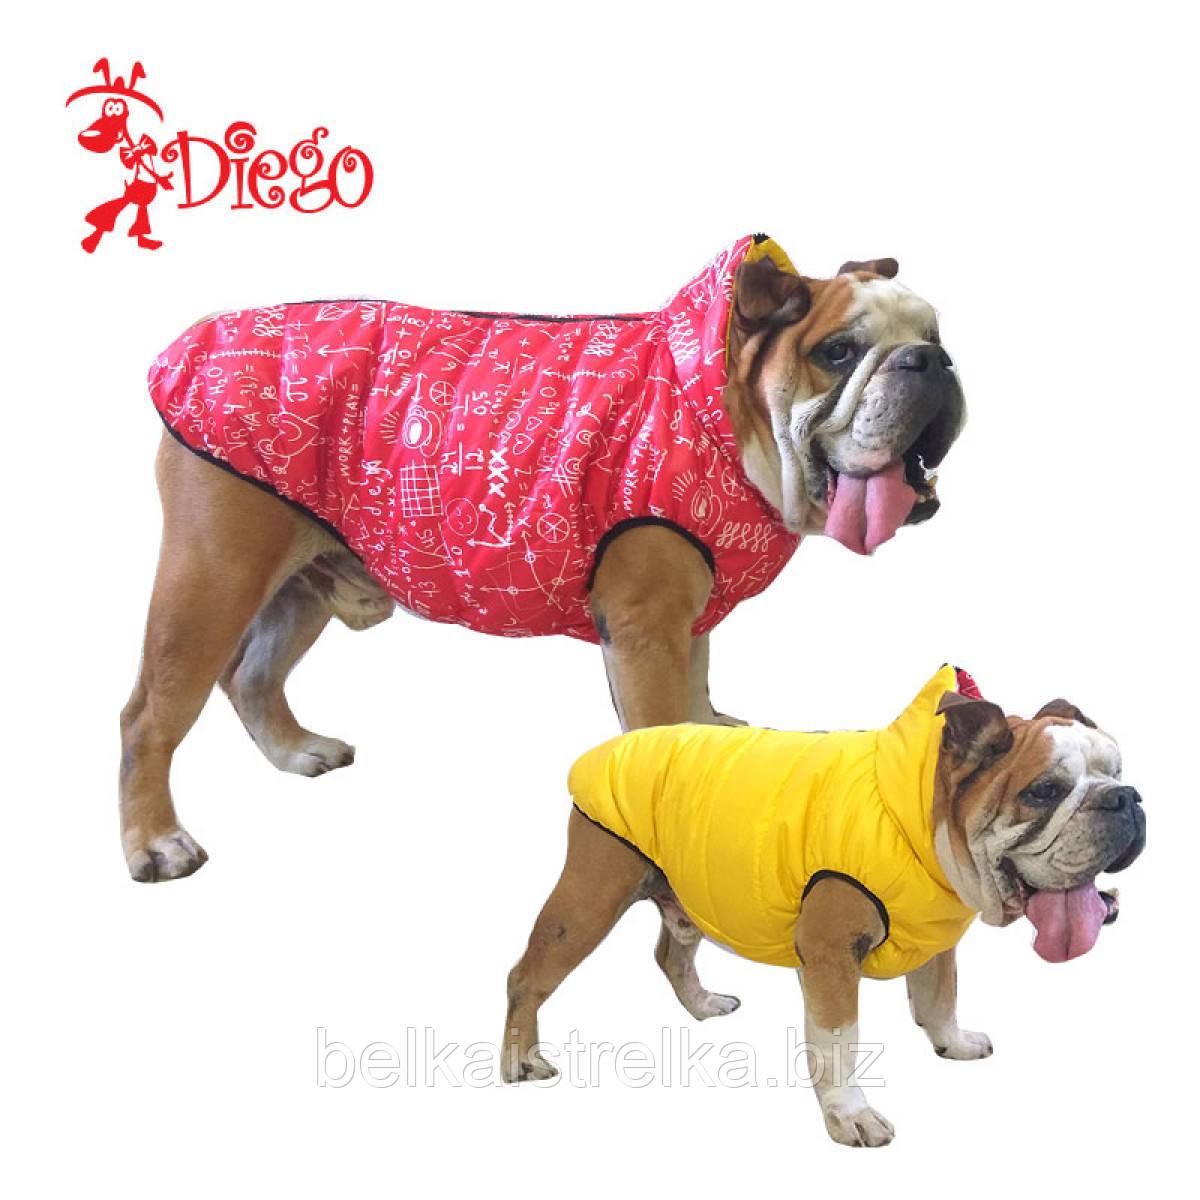 Жилет для собаки двухсторонний DIEGO sport double 8/10 Пифагор красный, размер 8